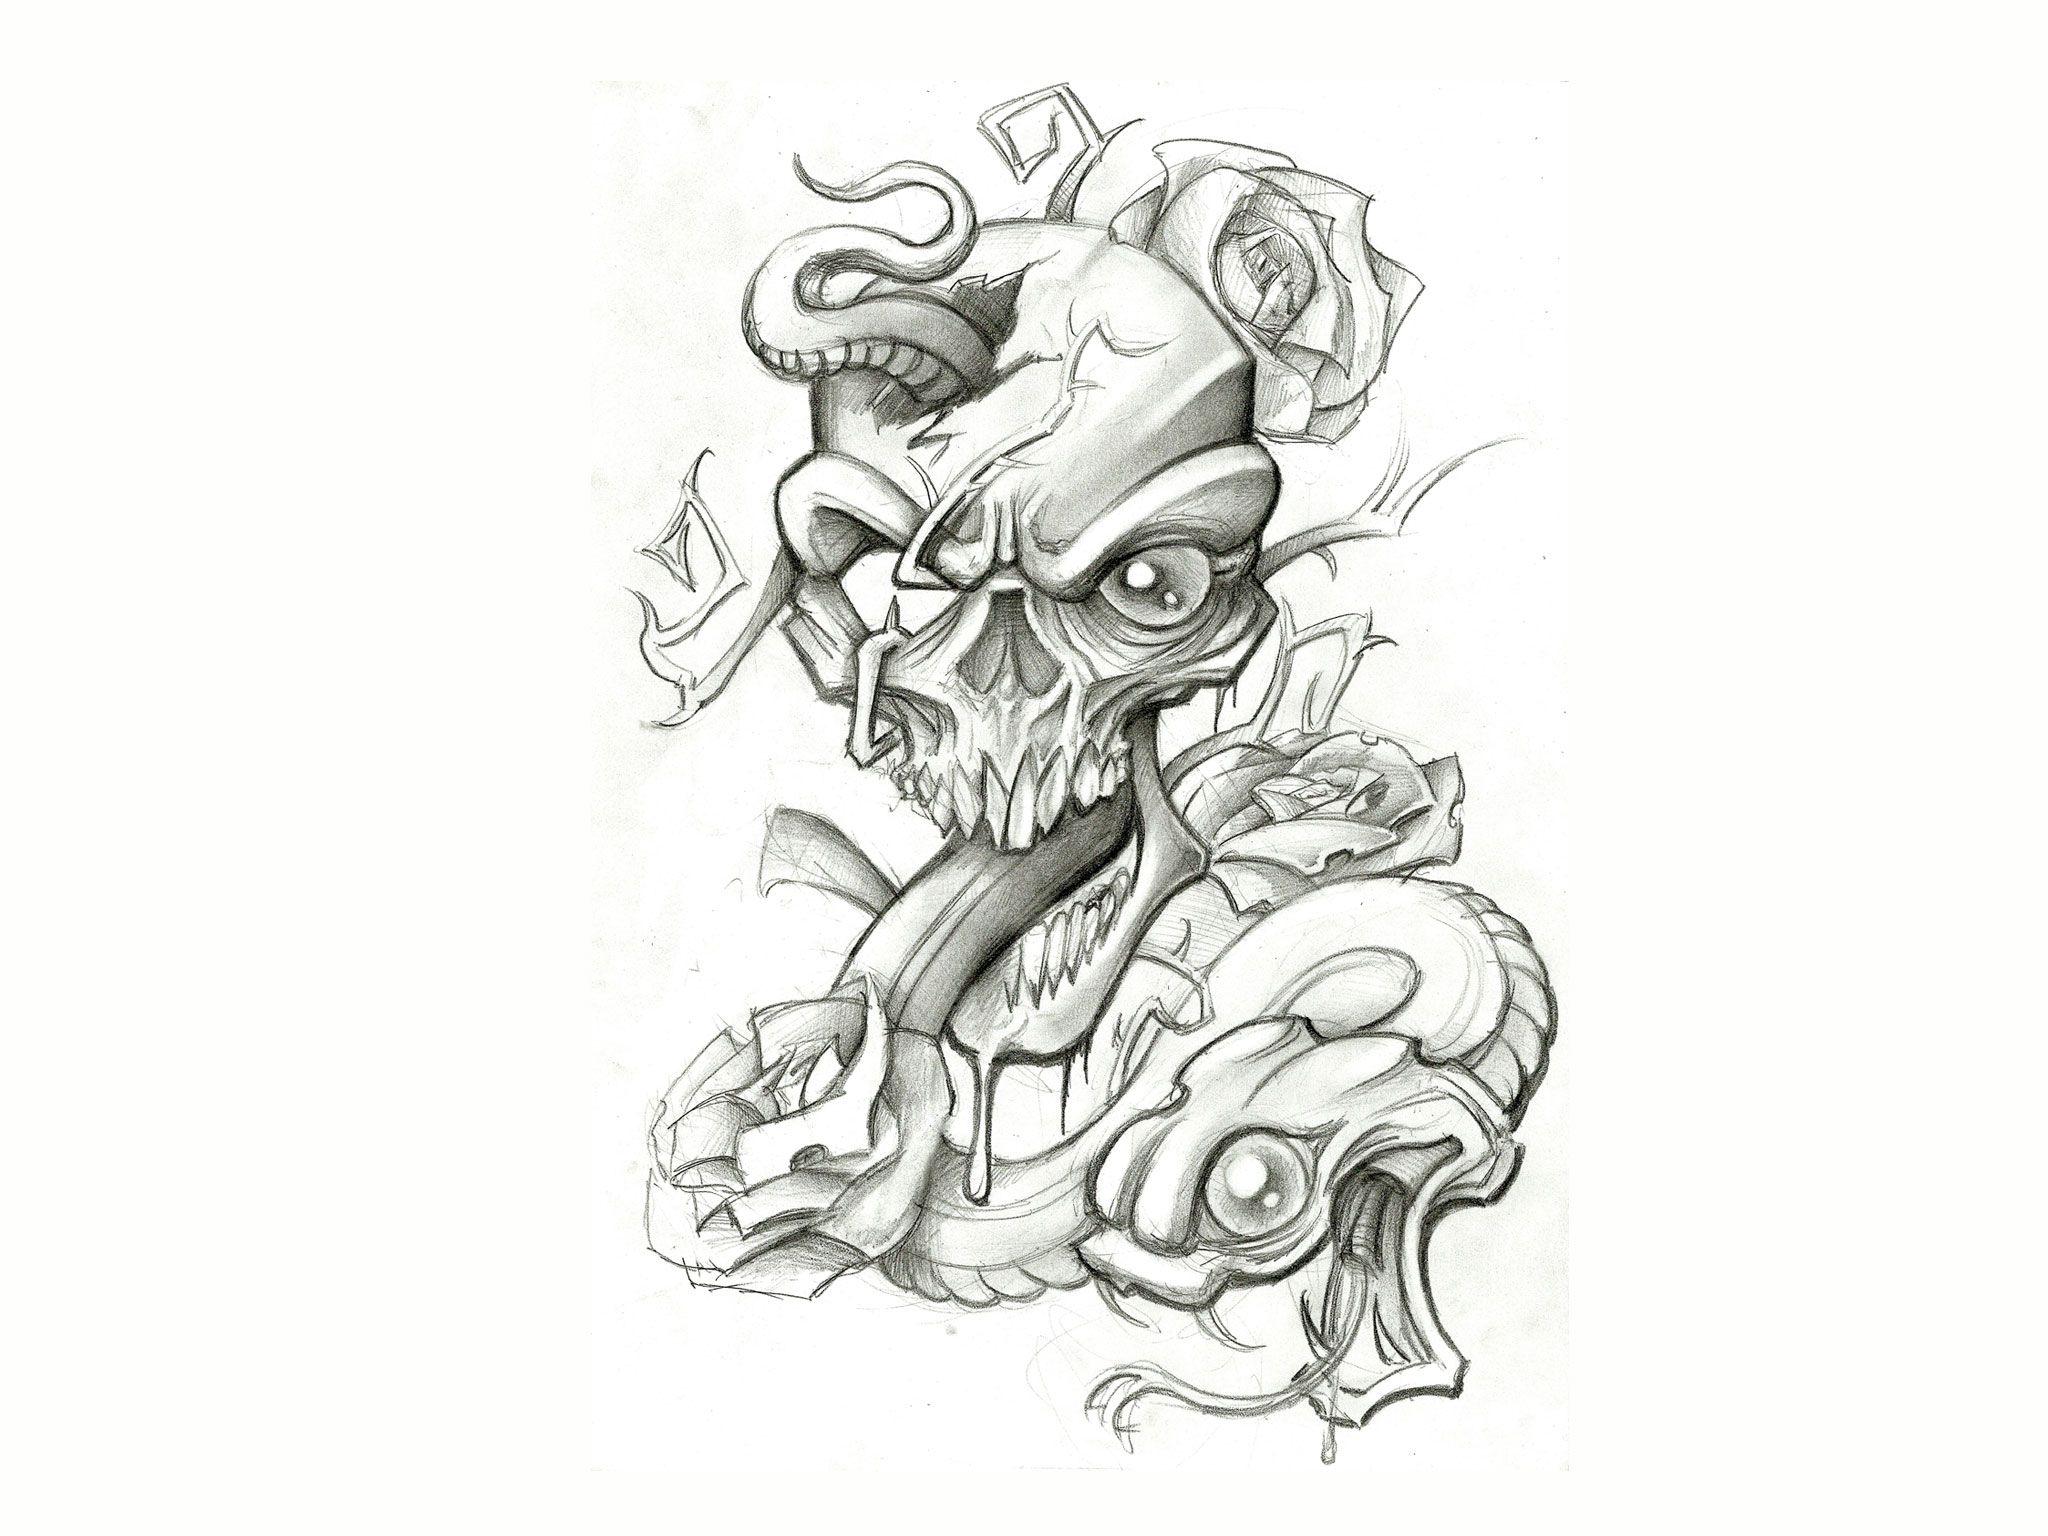 Skulls With Snake Drawing Art Tattoo Design Im 7888 Wallpaper Art Tattoo Tattoo Designs Rose Drawing Tattoo